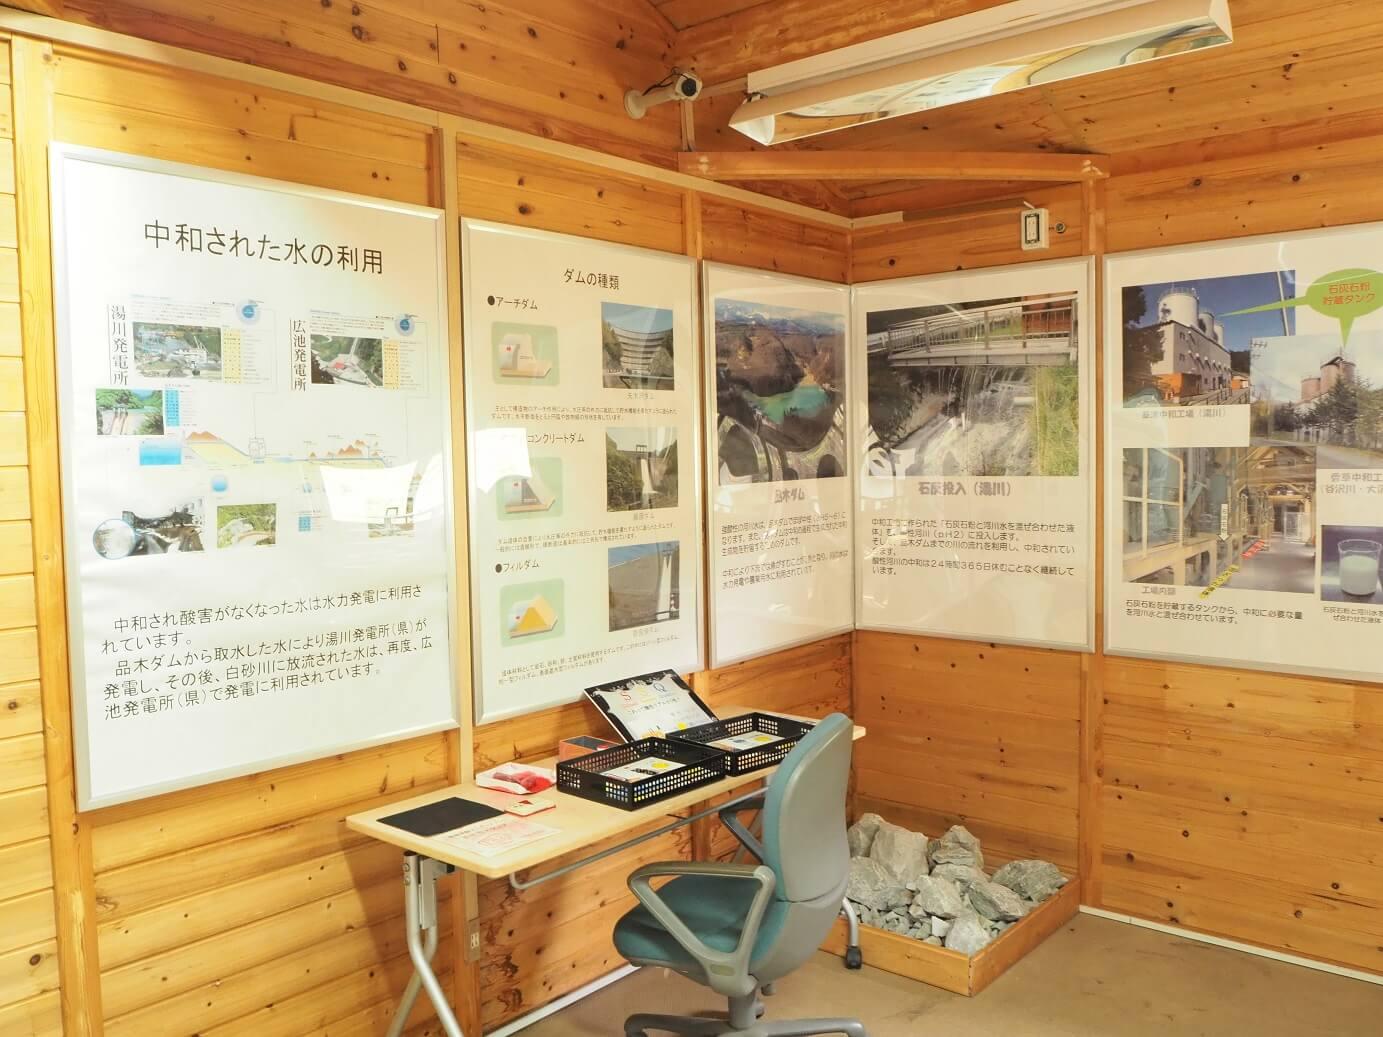 奈良俣ダム ダム資料館 展示